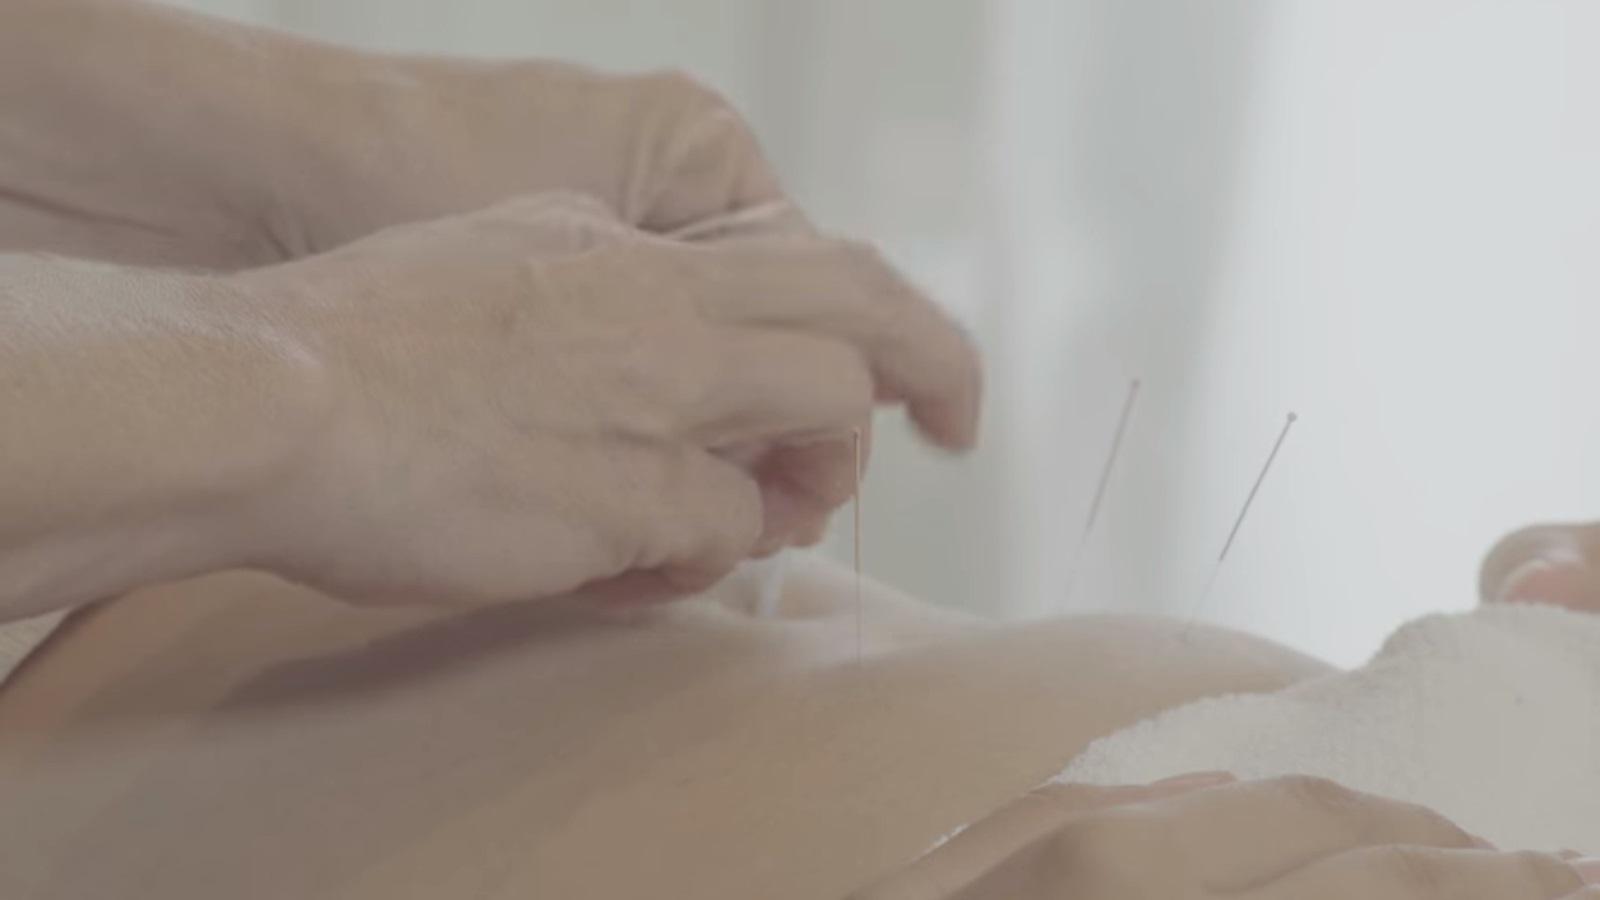 Dévoilement du premier vidéo promotionnel de la profession par l'Ordre des Acupuncteurs du Québec